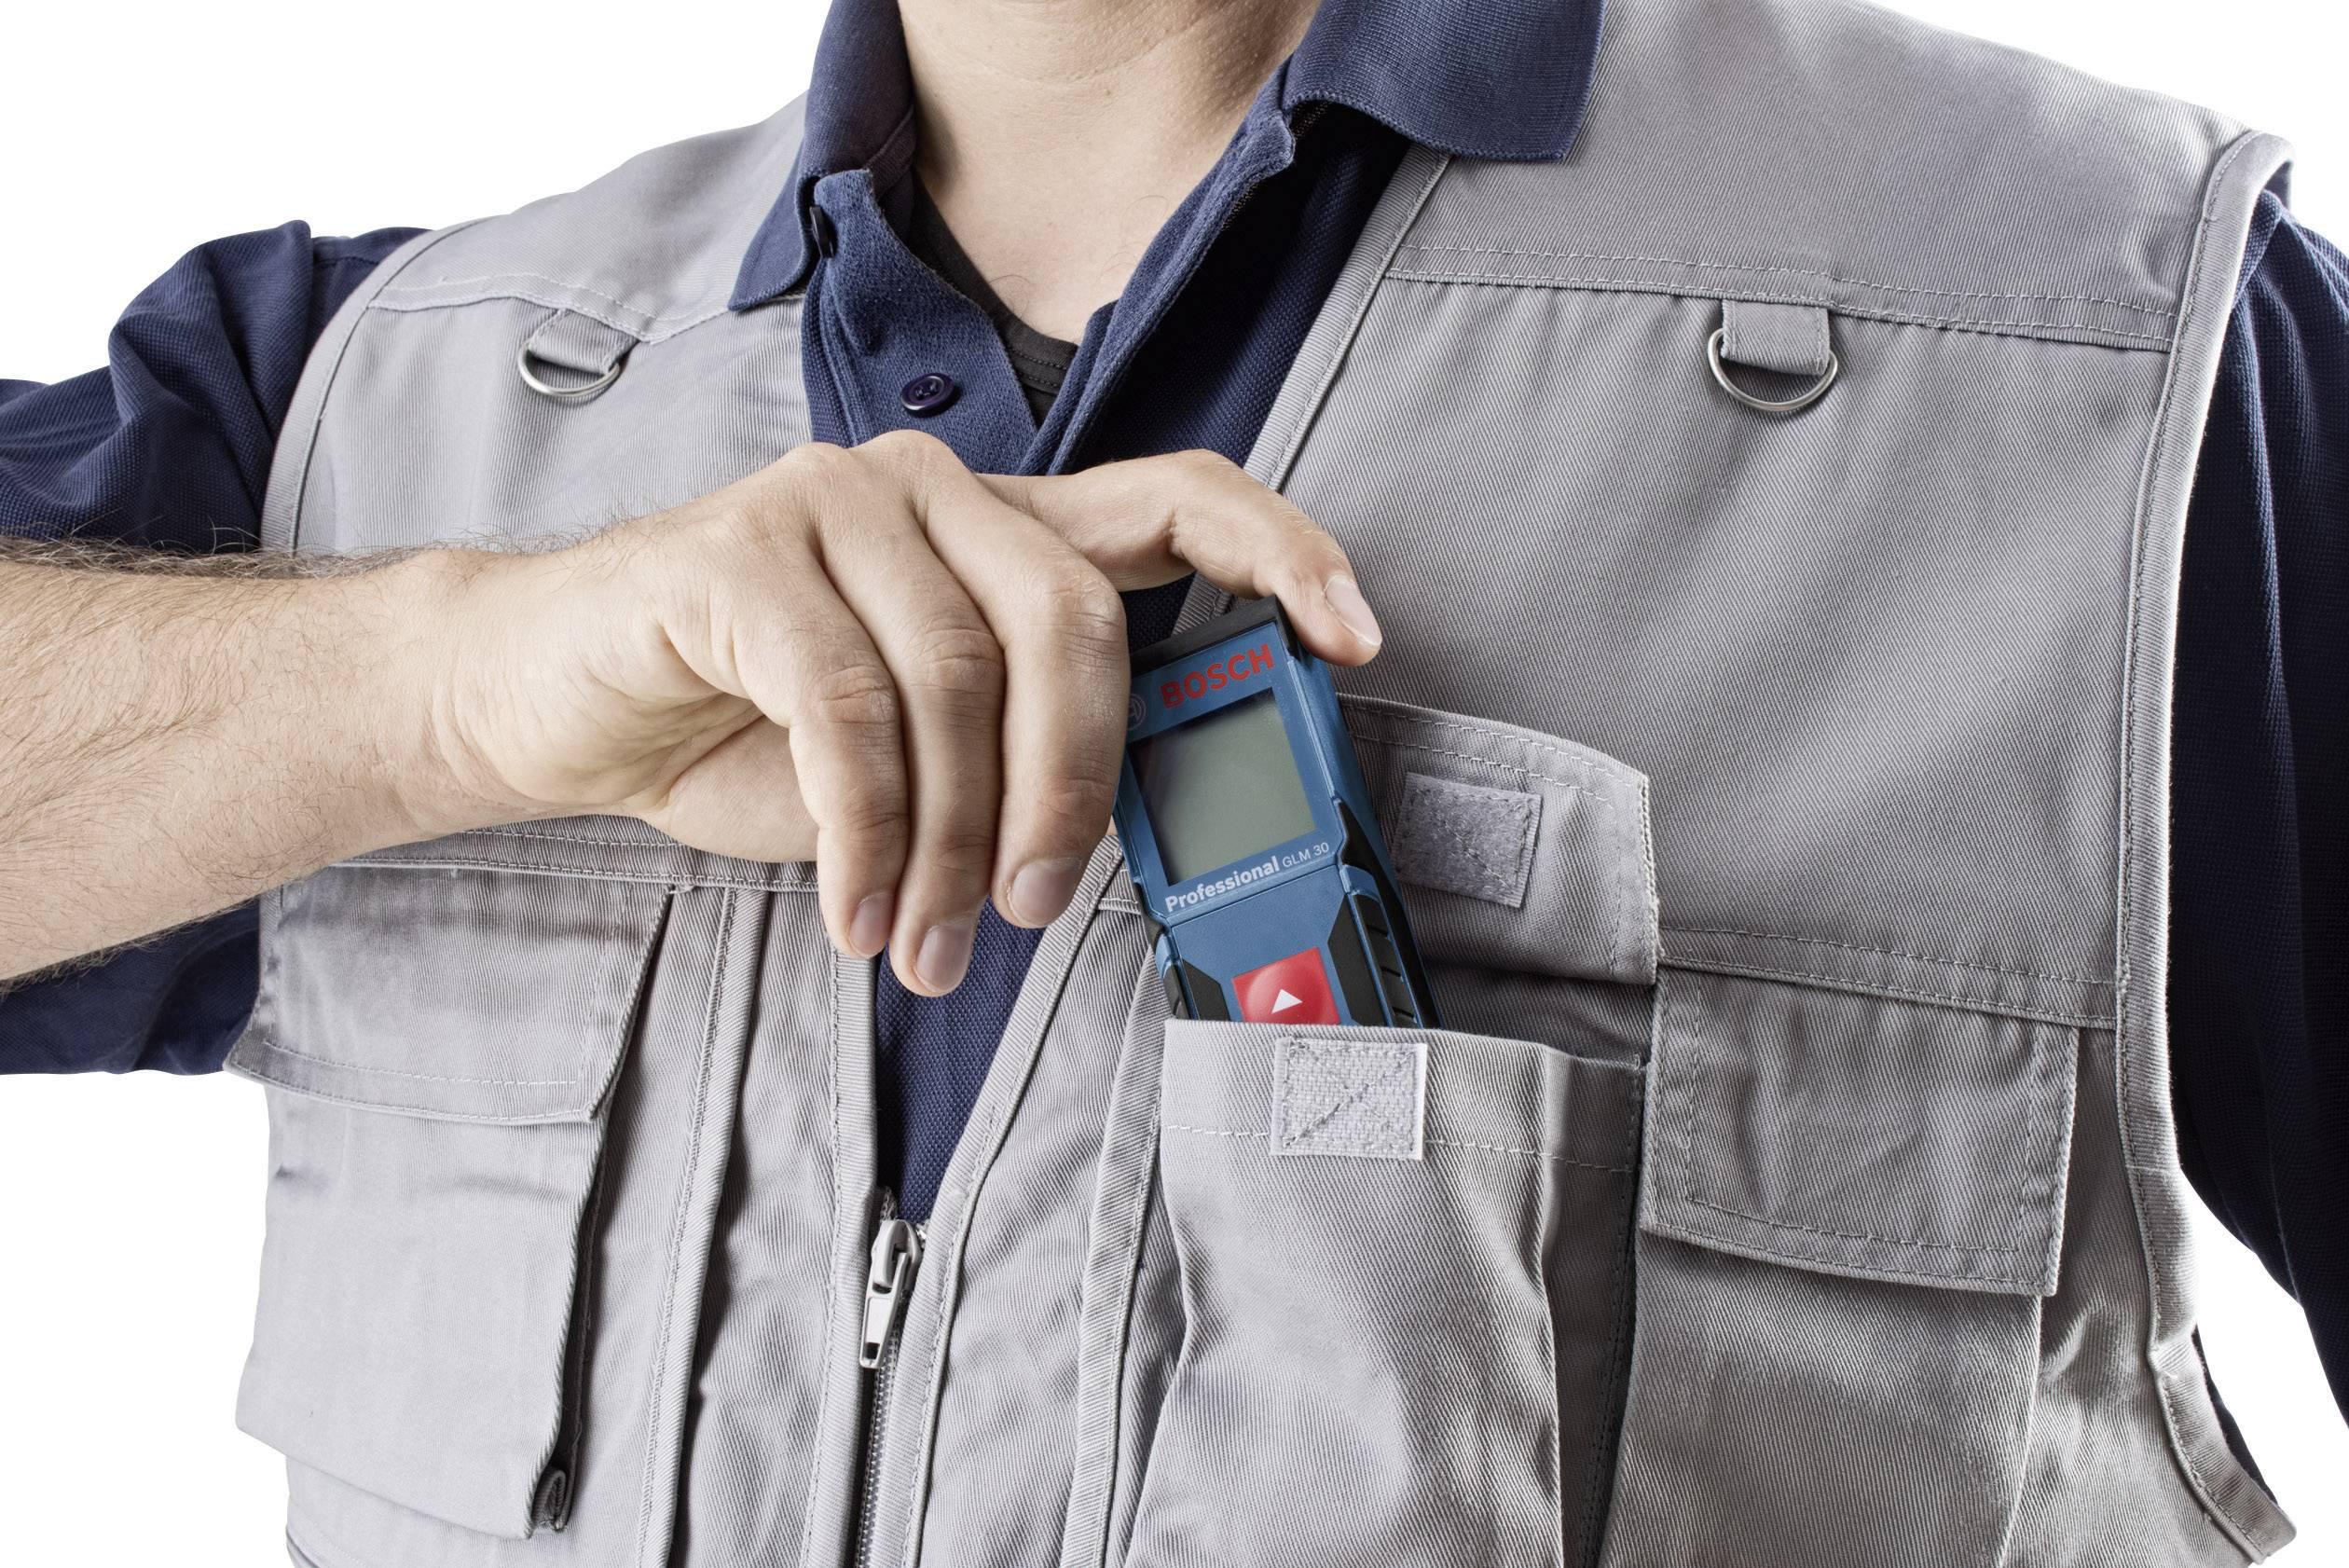 Laser Entfernungsmesser Dauermessung : Bosch professional glm laser entfernungsmesser messbereich max